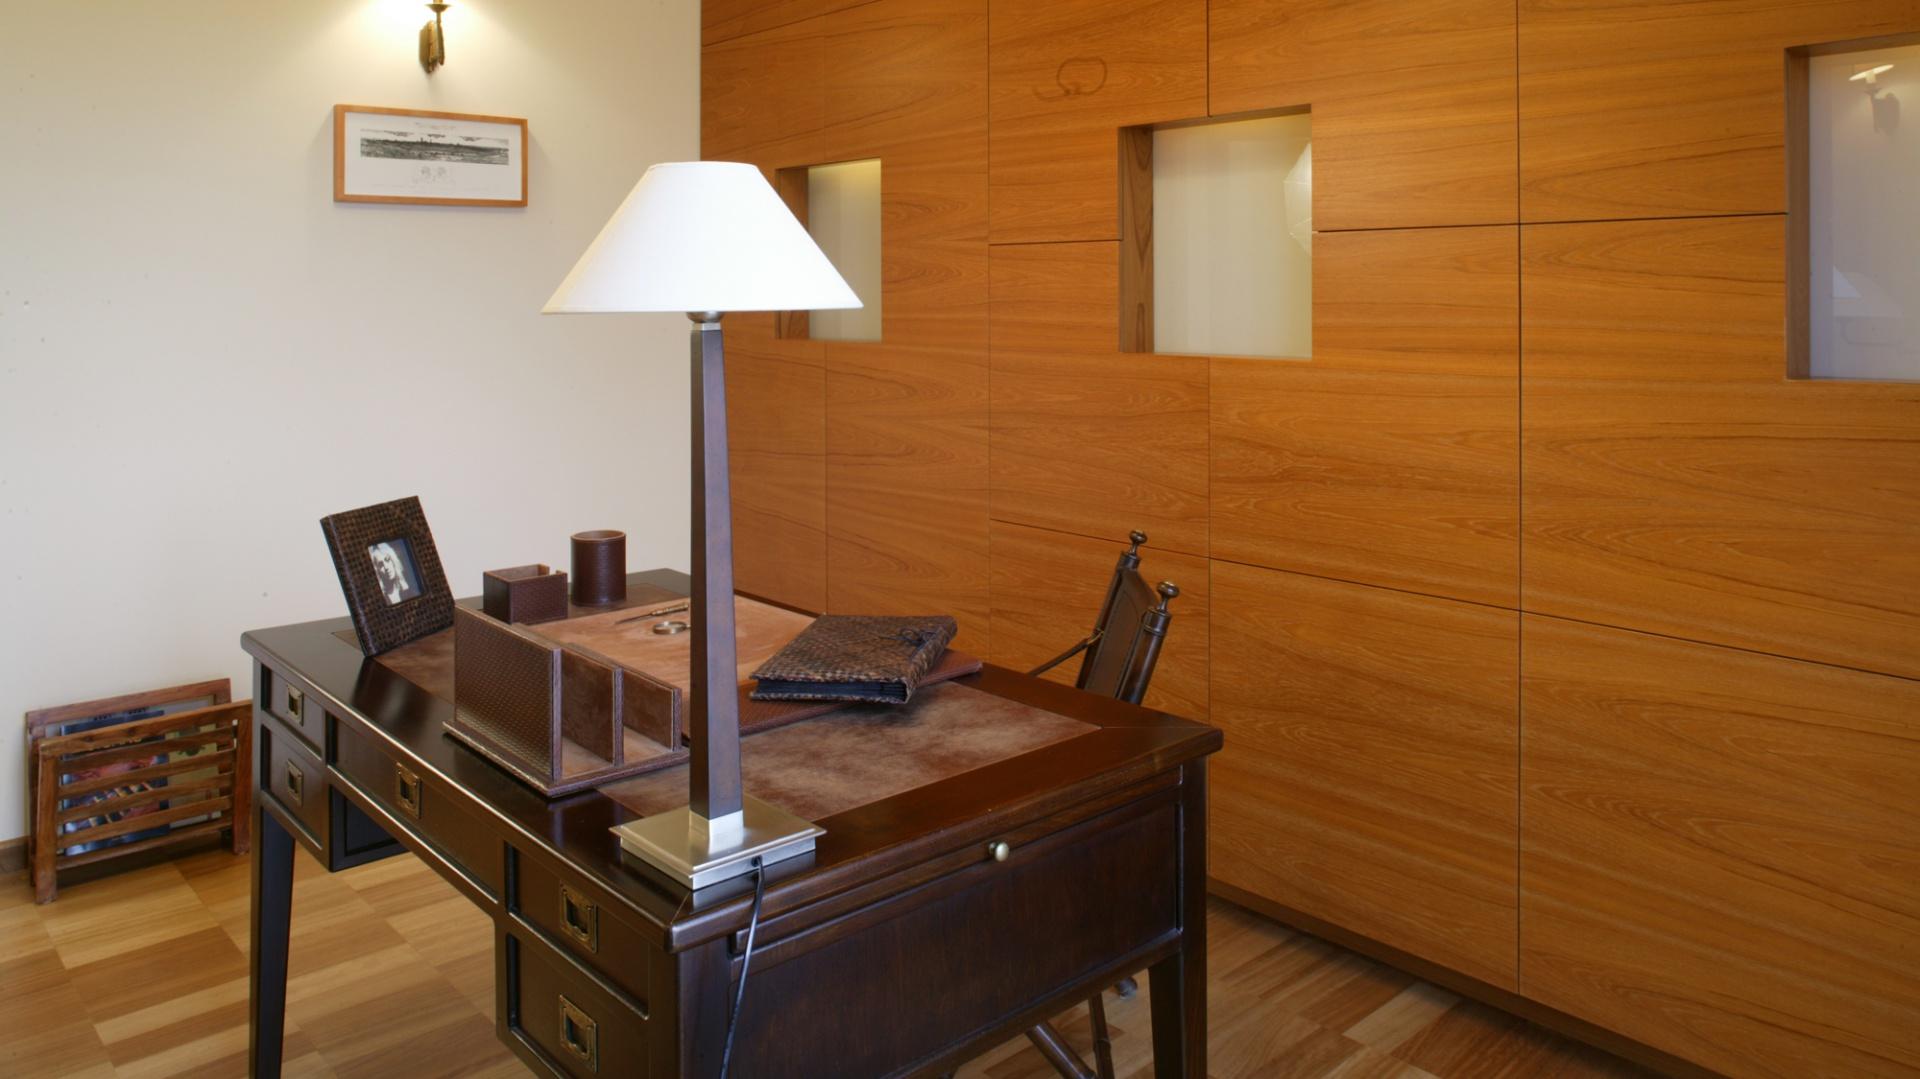 Z biurkiem w stylu kolonialnym doskonale harmonizują pozostałe meble i dodatki: eleganckie krzesło gabinetowe oraz skórzany fotel, skórzana ramka i stojaki na dokumenty (Almi Decor). Fot. Monika Filipiuk.